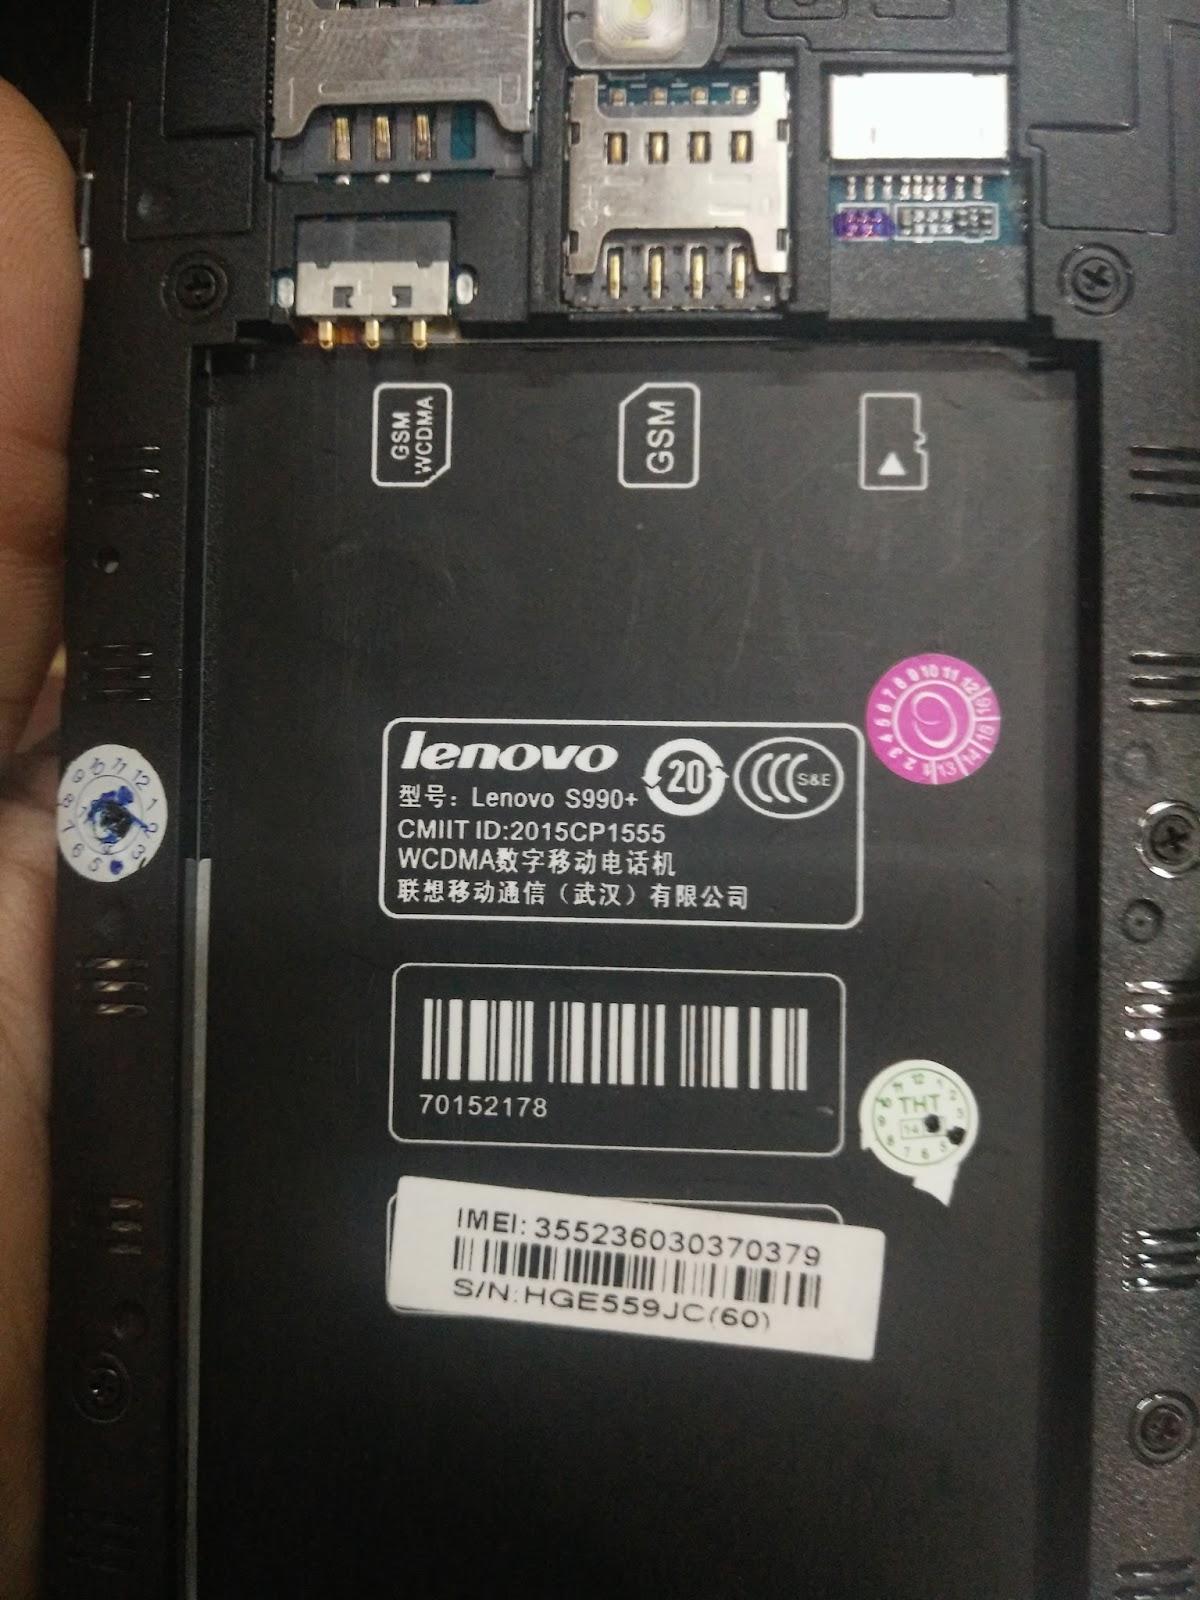 Archos 605 Wifi Custom Firmware Rx - freedomreporthhp